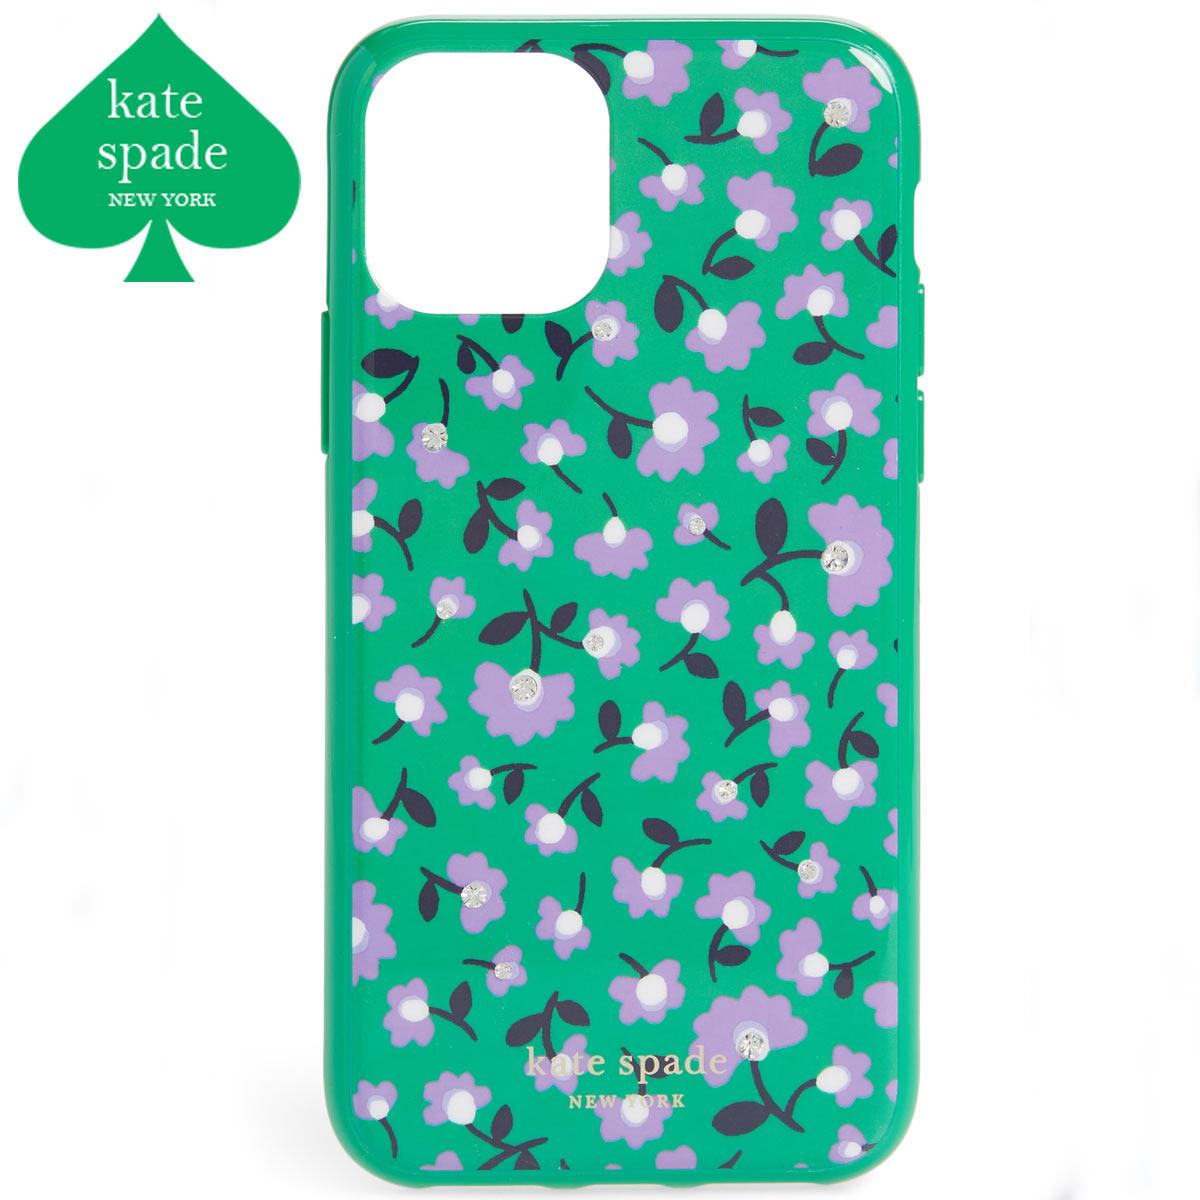 ケイトスペード アイフォンケース 11 iphone11 iphone11ケース スマホケース 花柄 レディース ブランド KATE SPADE NEW YORK